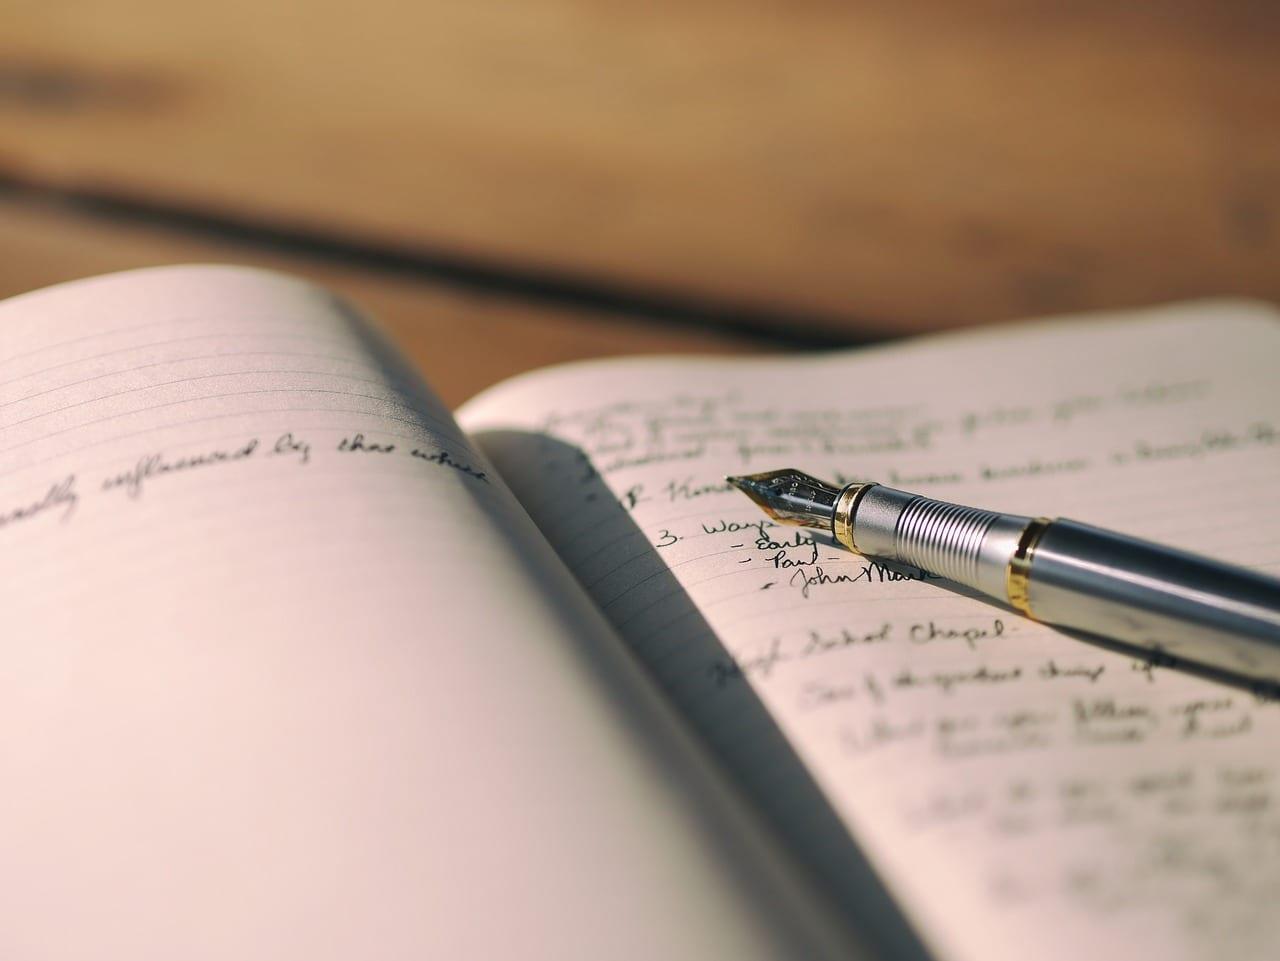 Обучение фразовым глаголам: 5 интересных заданий